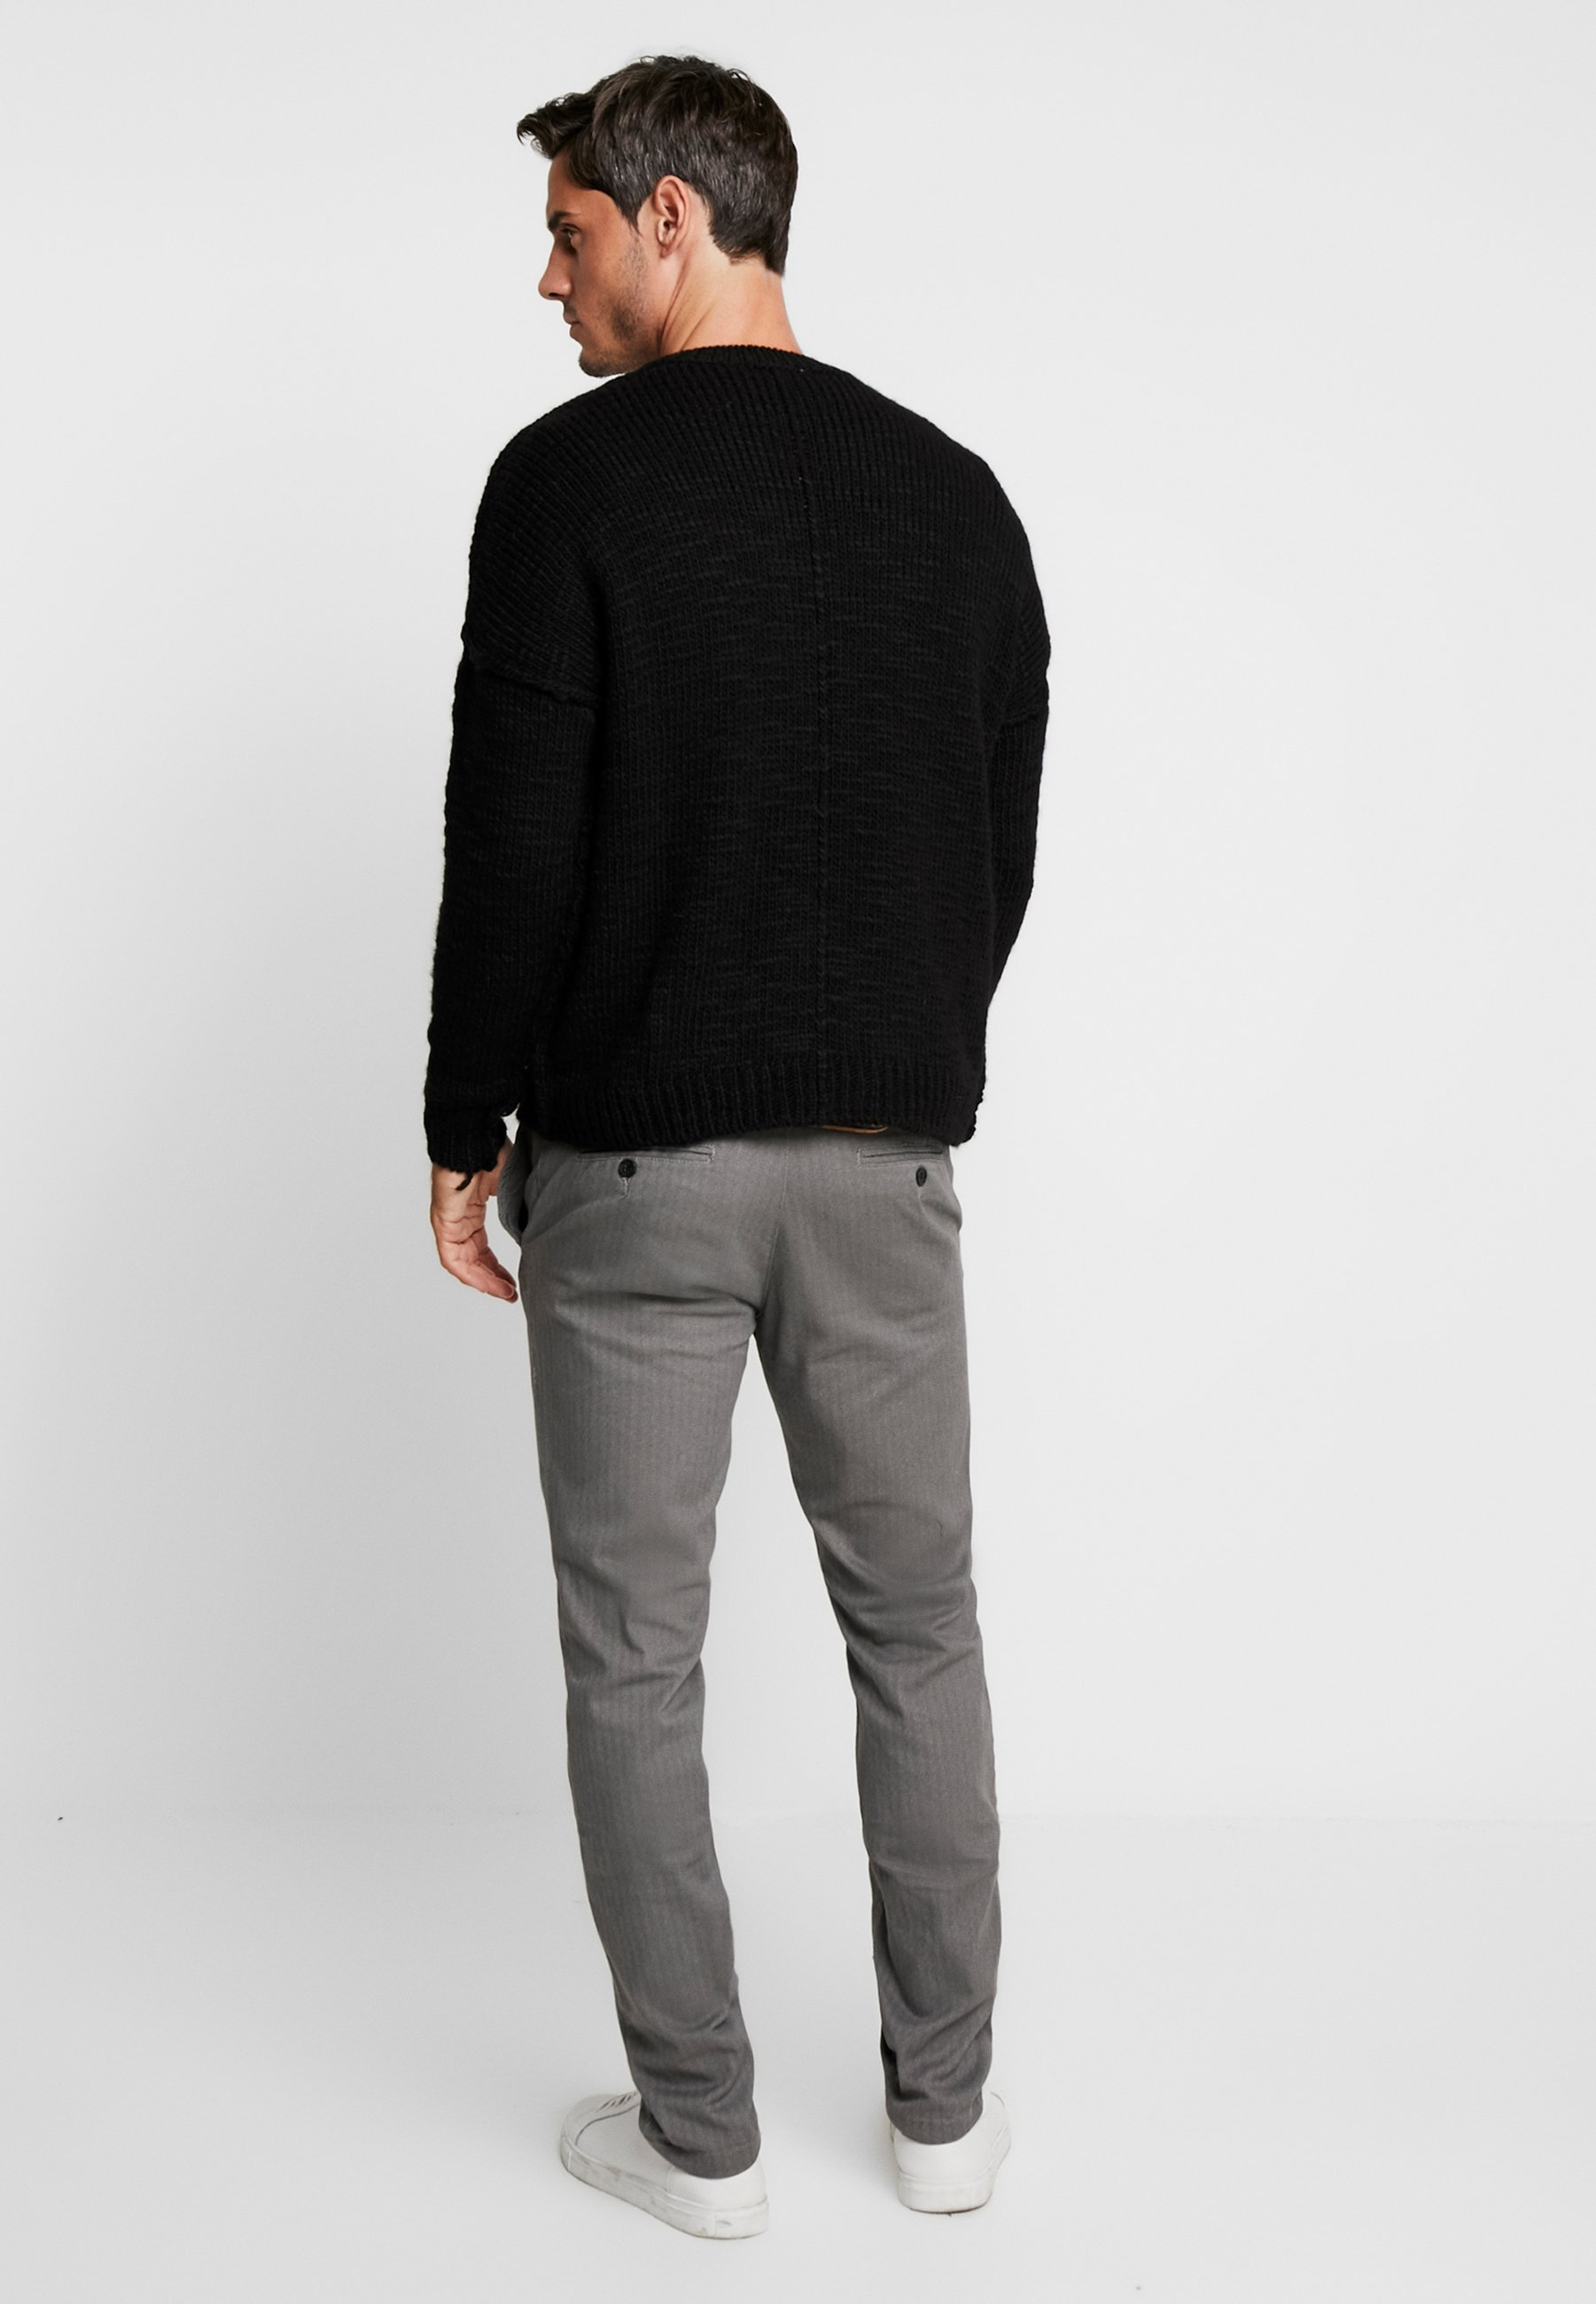 Nike Sportswear Sweatshirt - black/white/svart - Herr Vinterkläder 3Tvw9